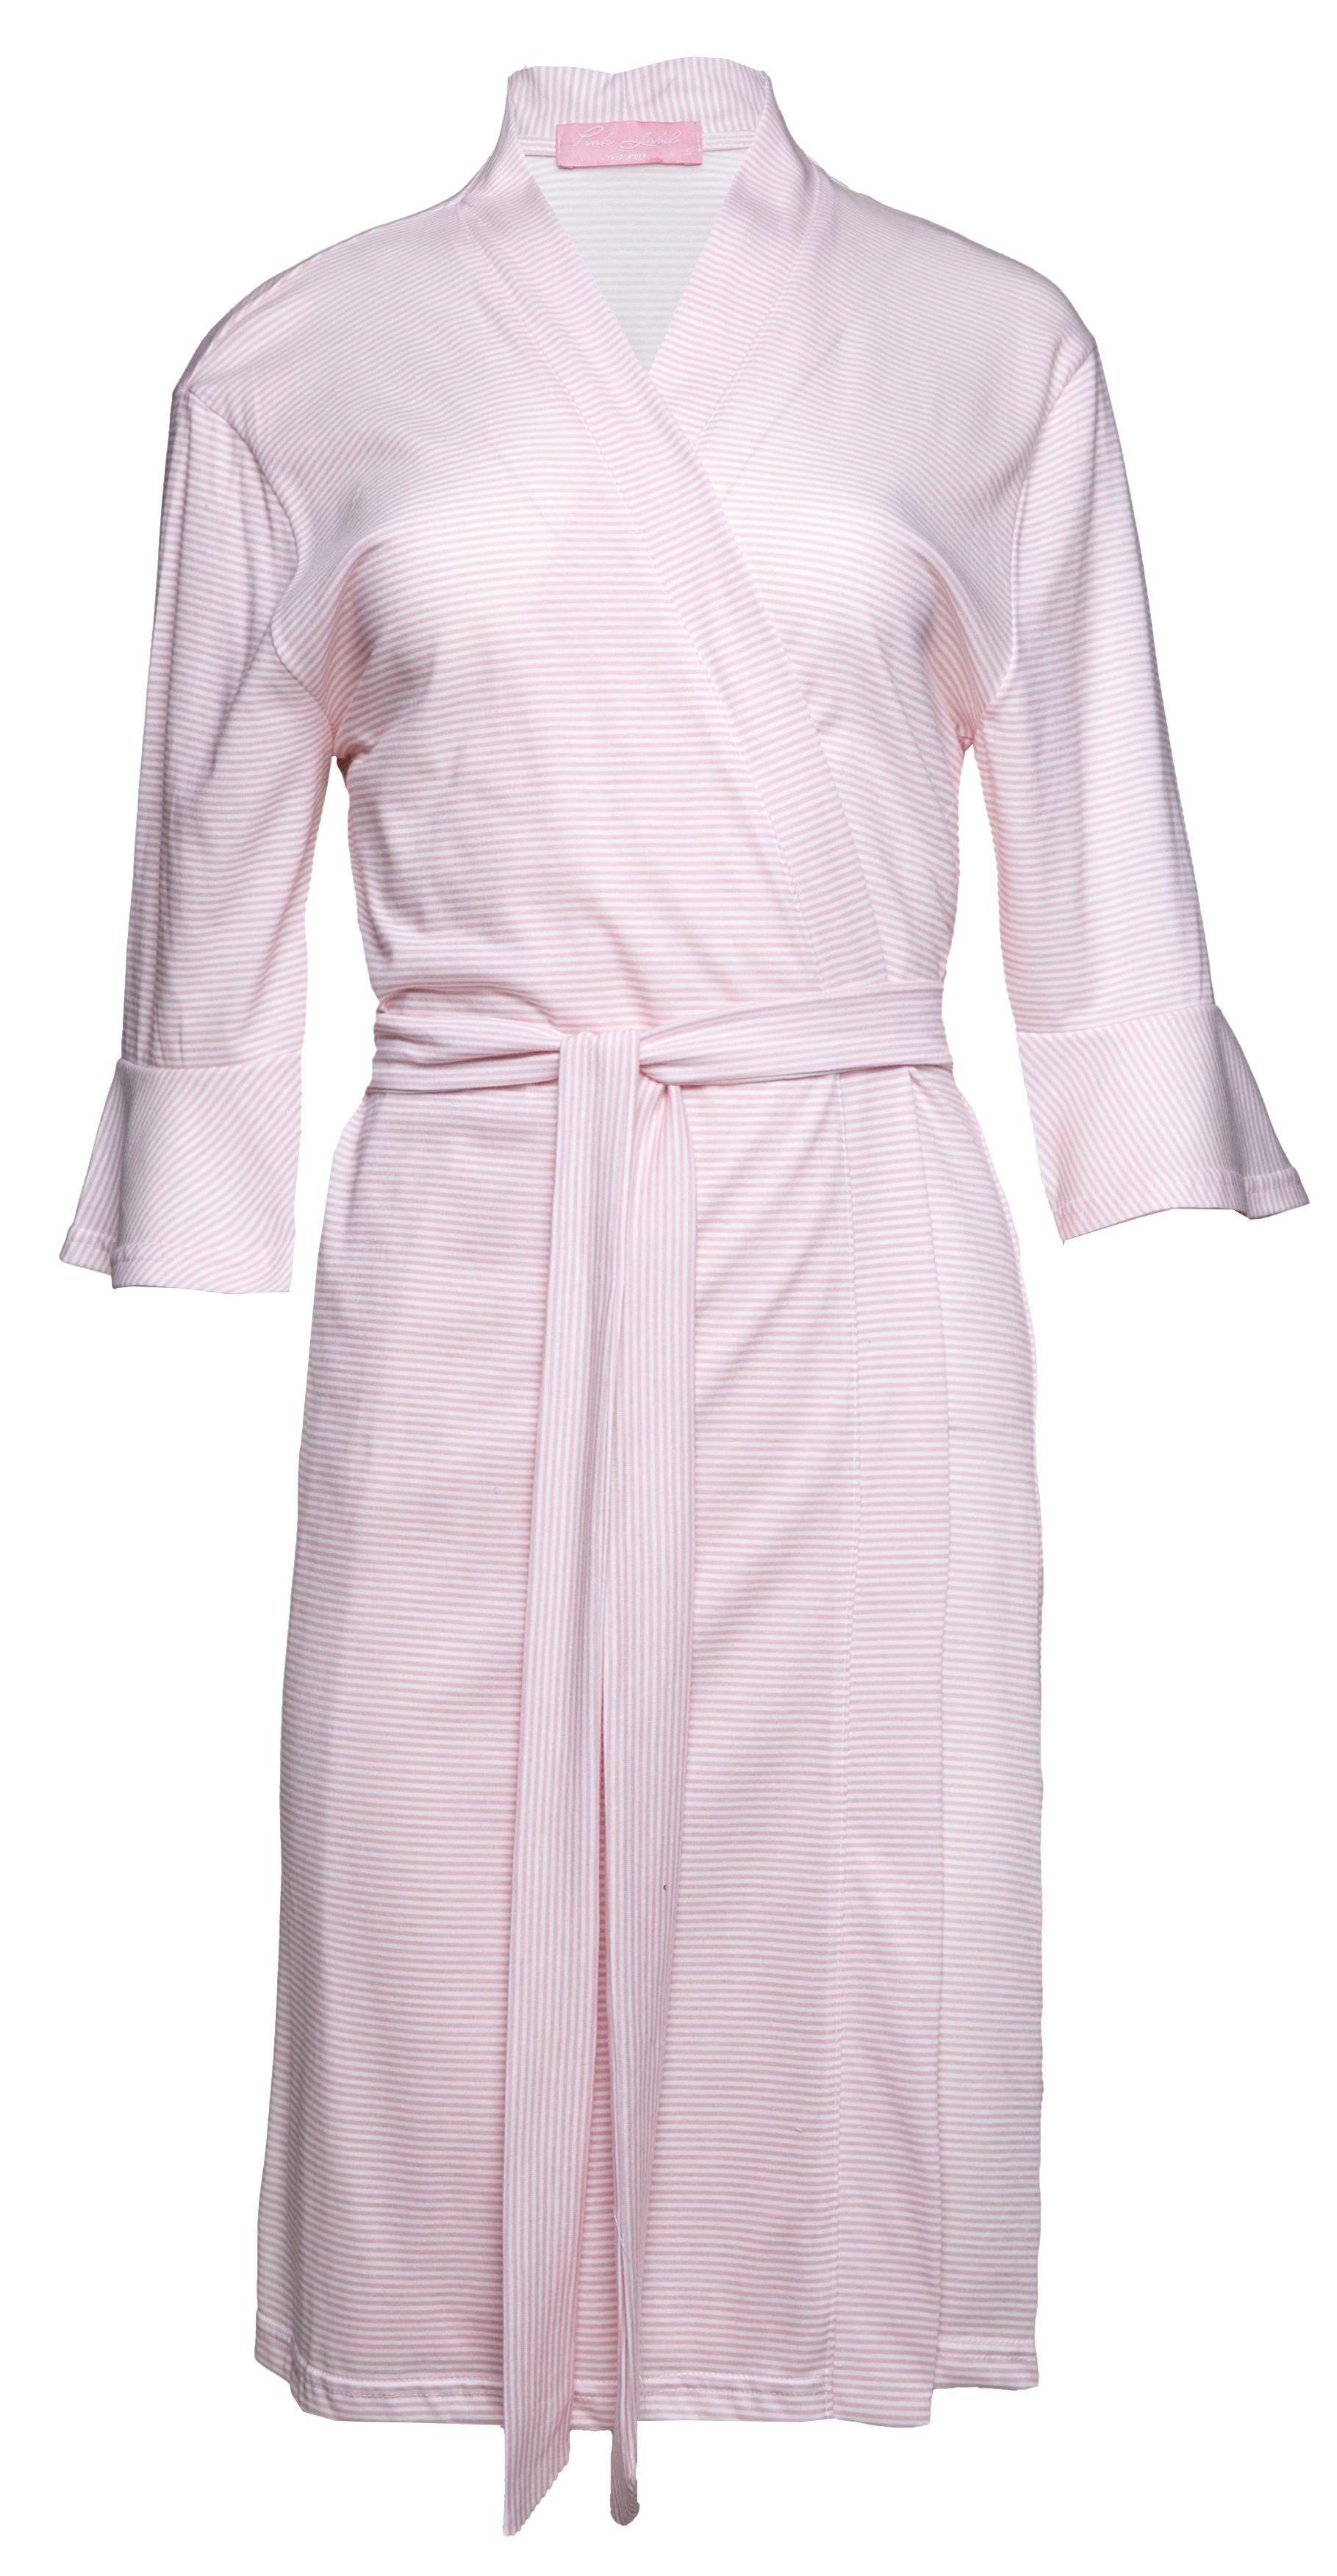 Γυναικείο Ρομπάκι Pink Label - Cotton - Ριγέ - Κοντό Μανίκι - Εγκυμοσύνη